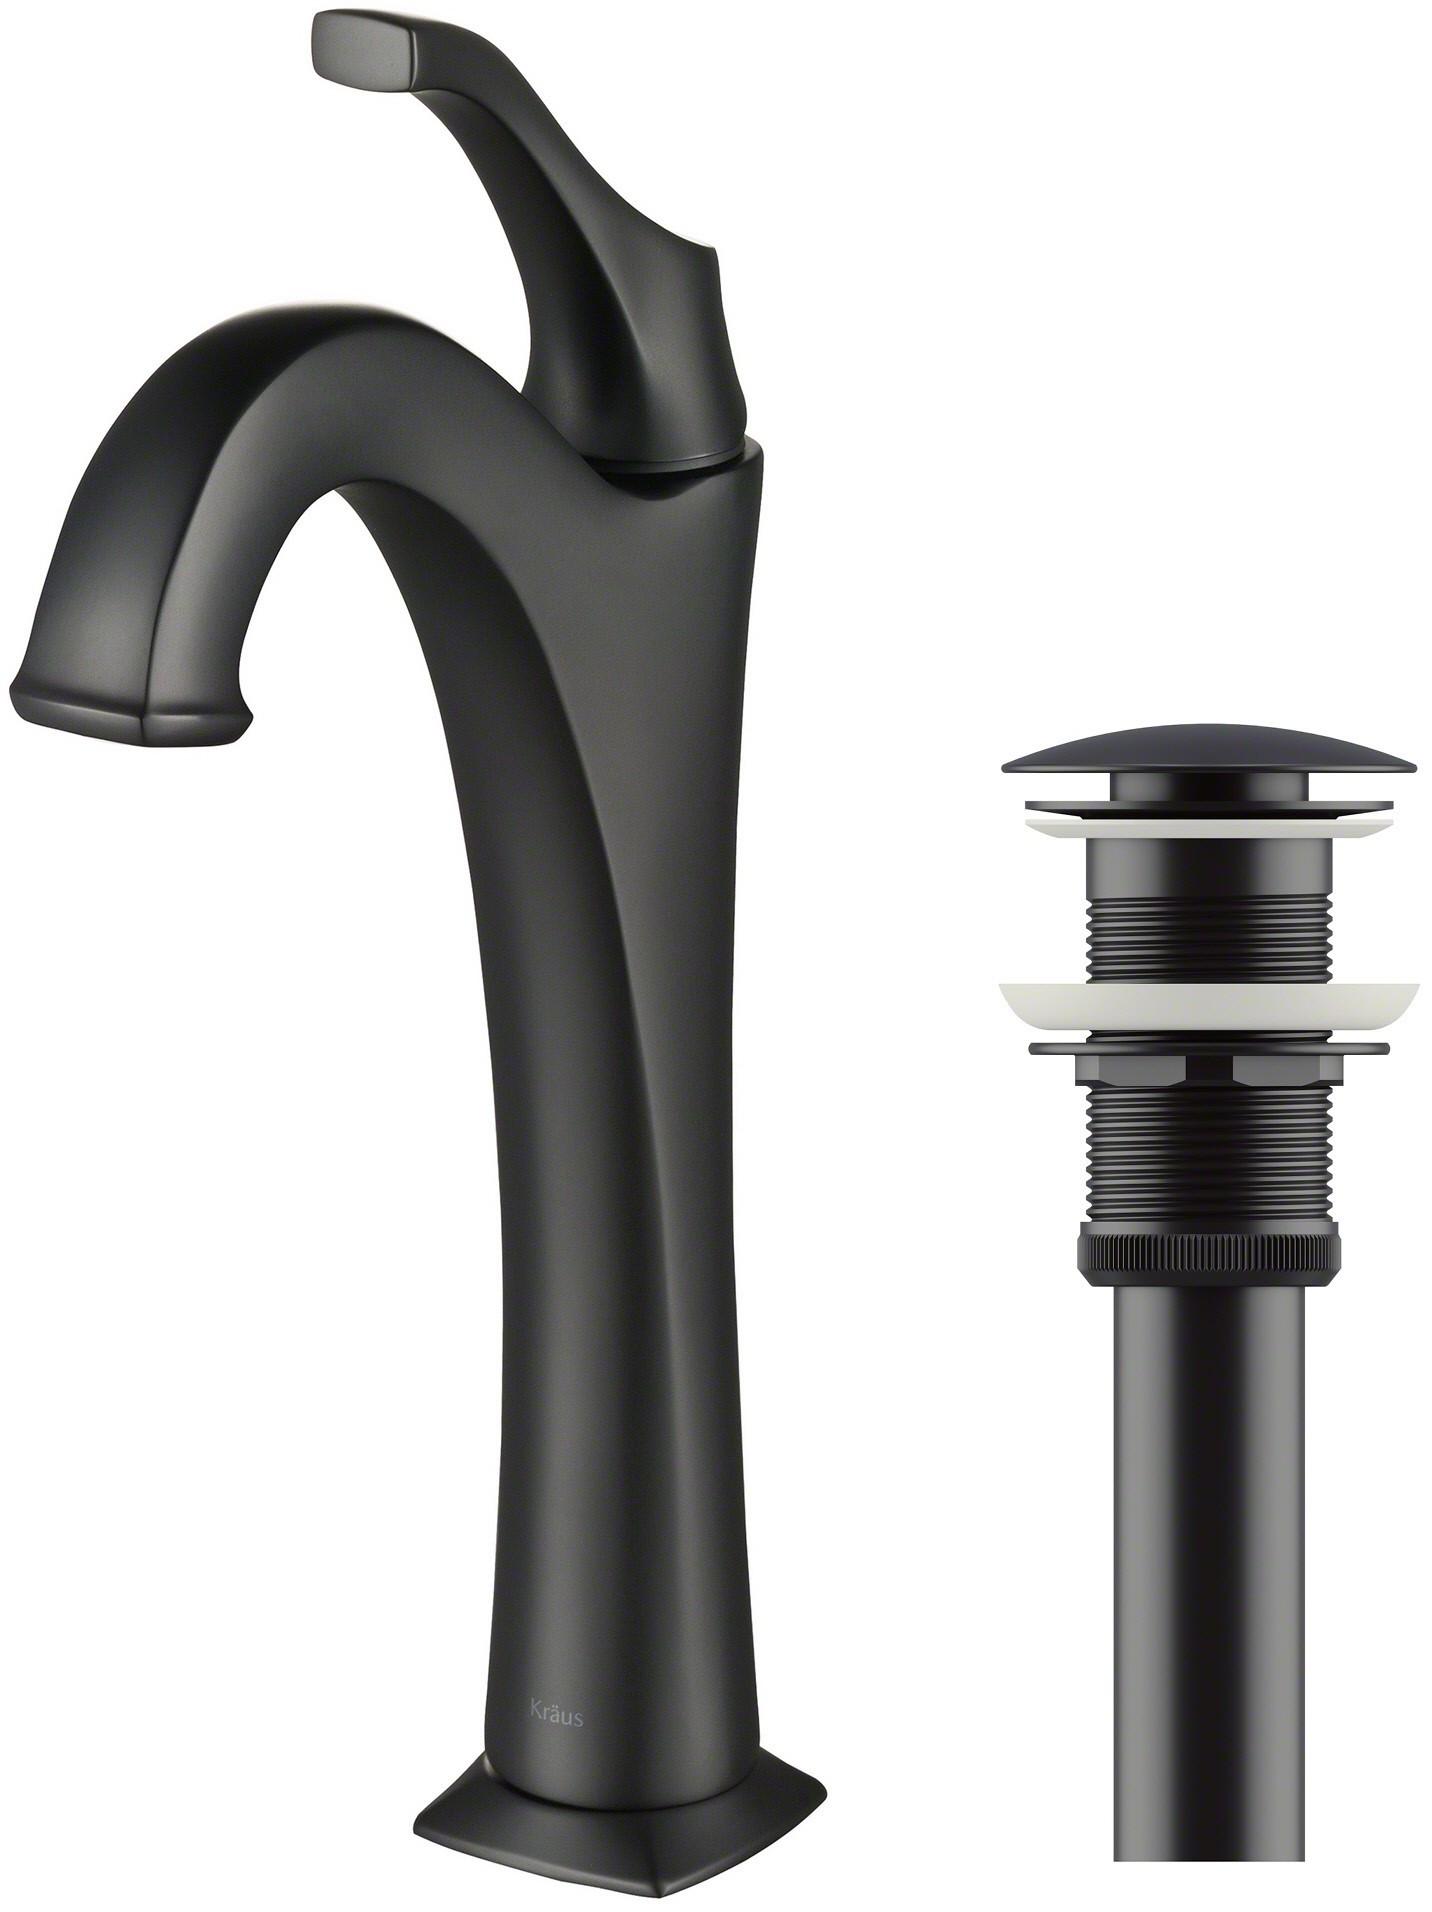 Faucets - Faucet